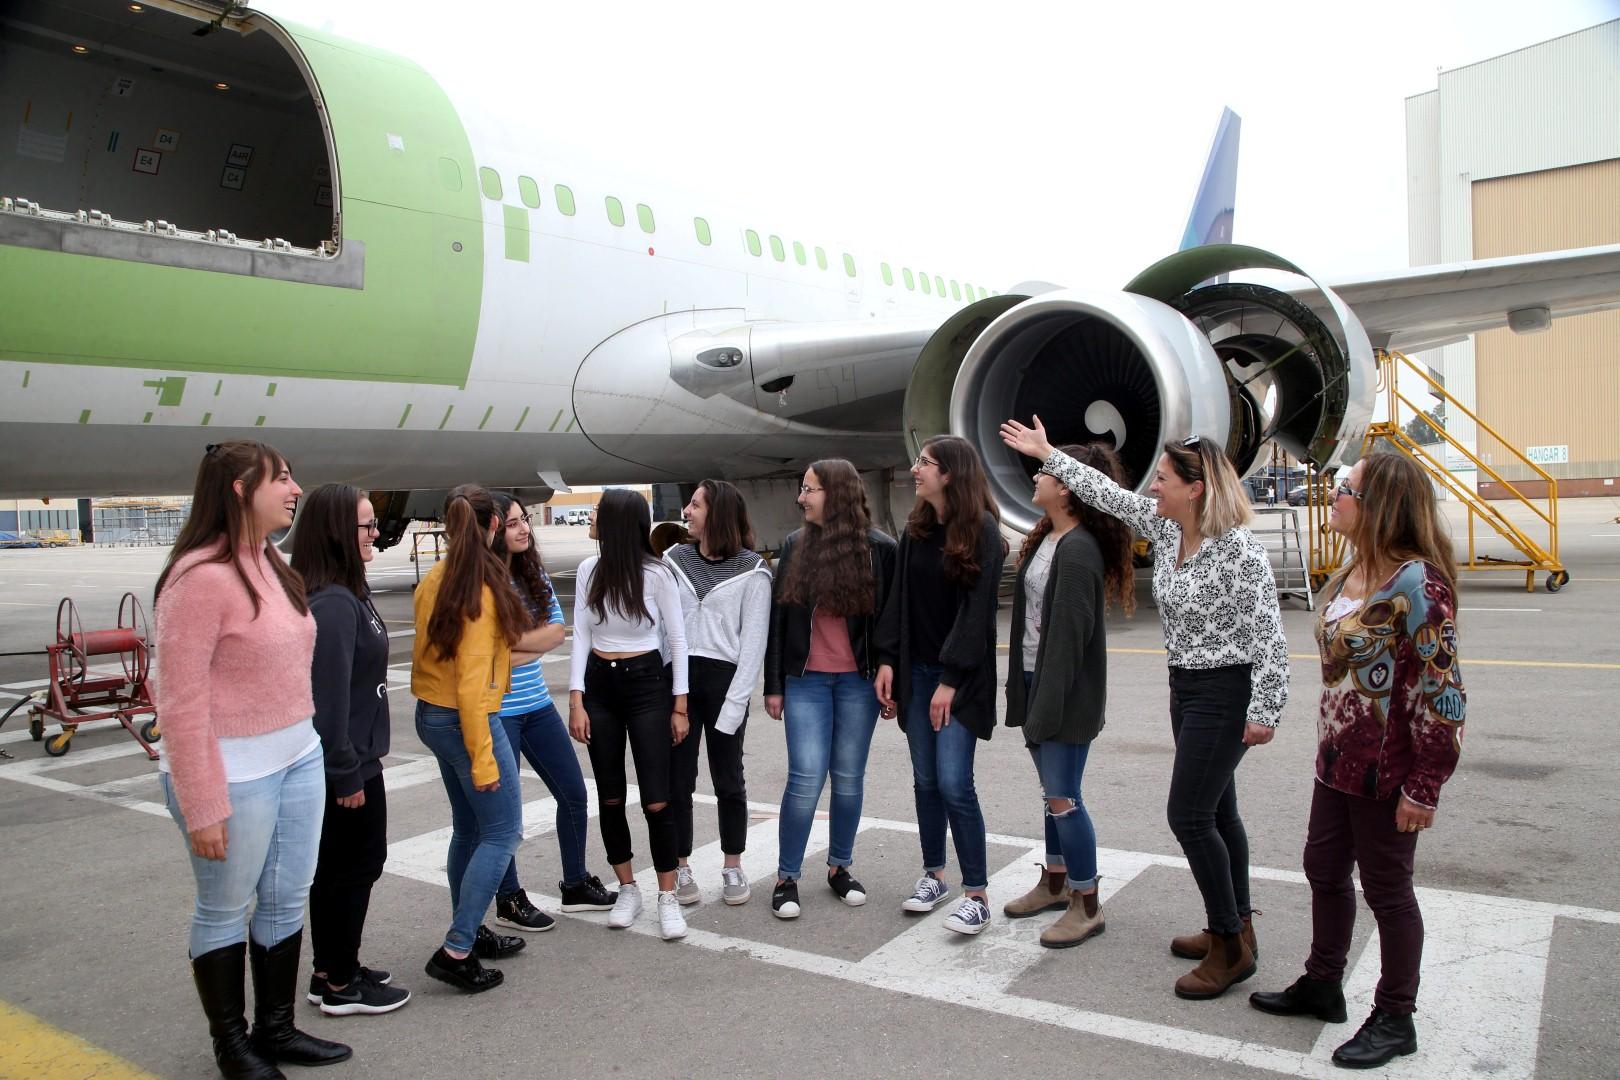 קבוצה 7 במטוס המוסב. פתרון זול להזמנות מאמזון (צילום: יריב כץ)